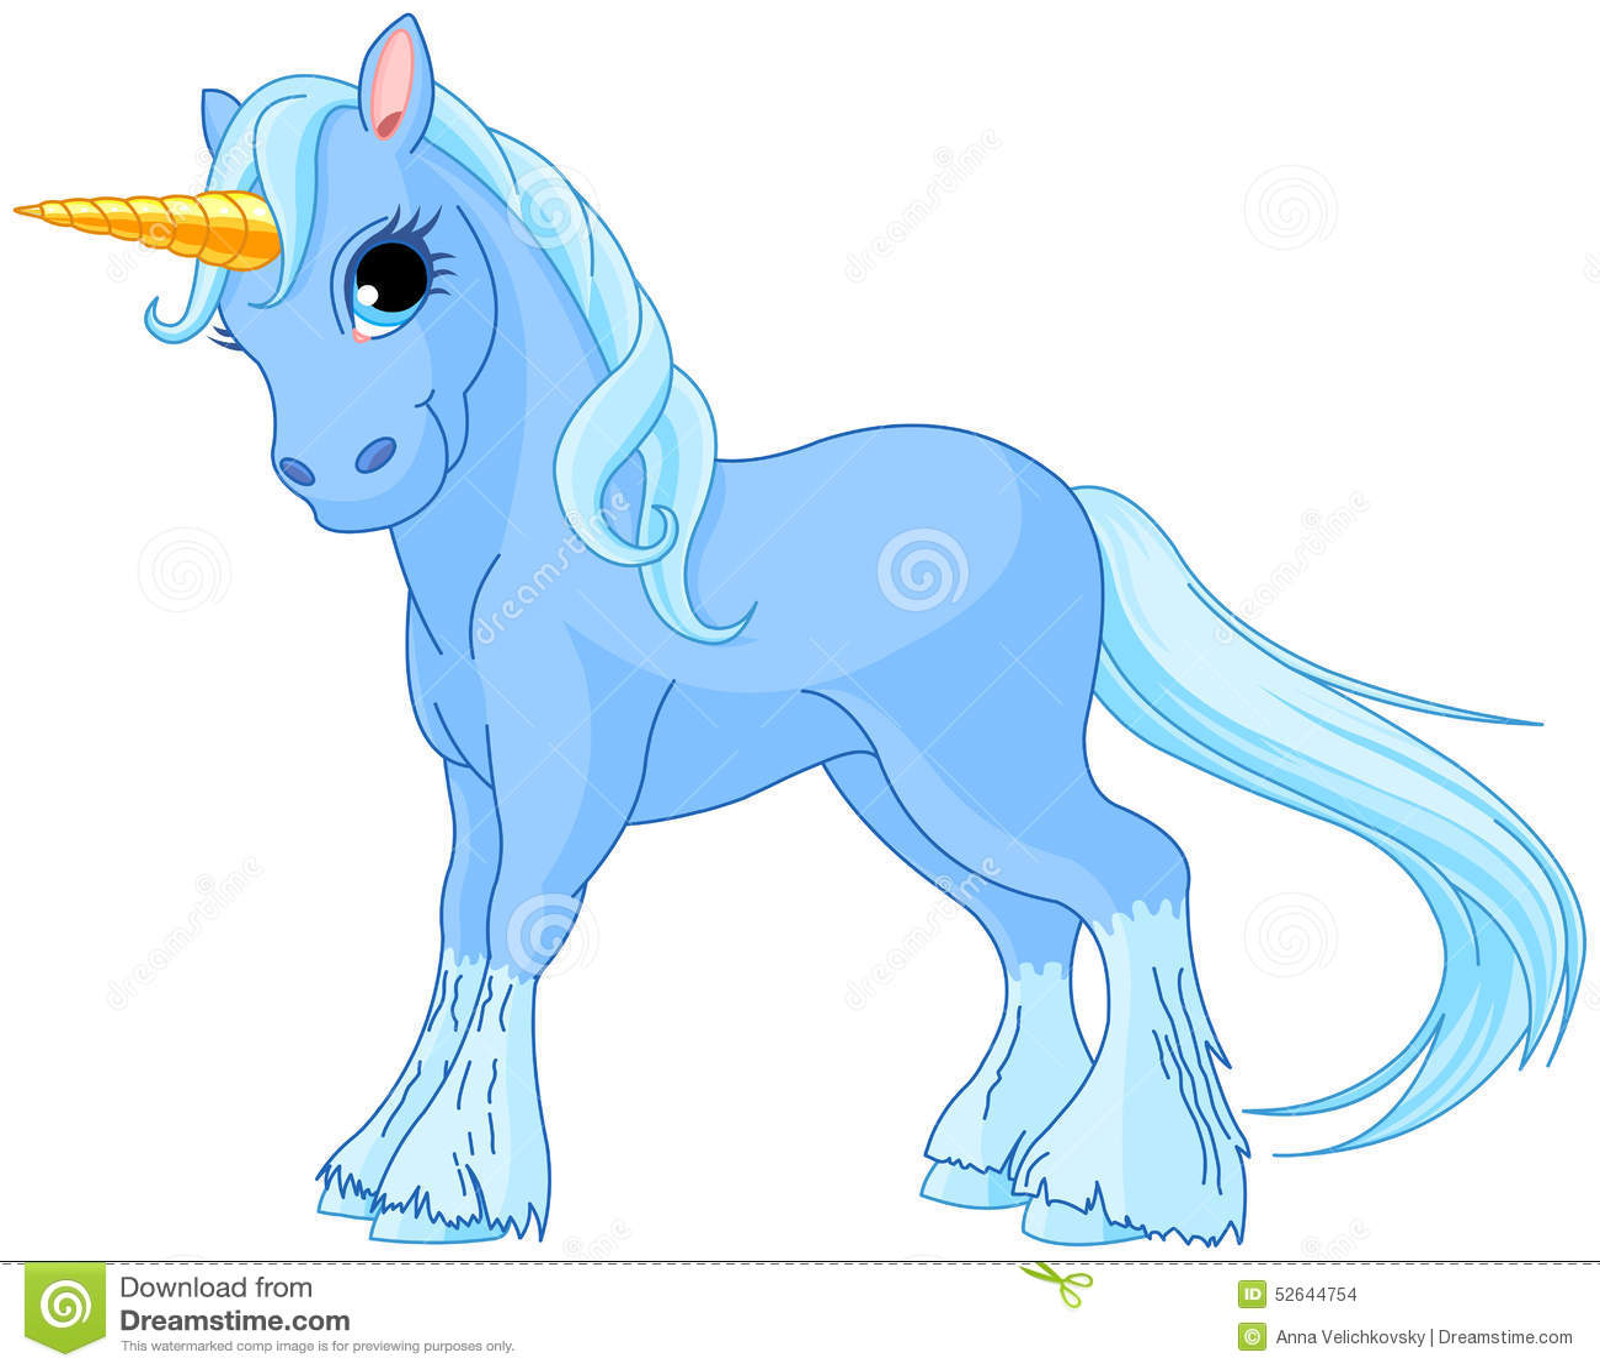 Pony Graphic Design